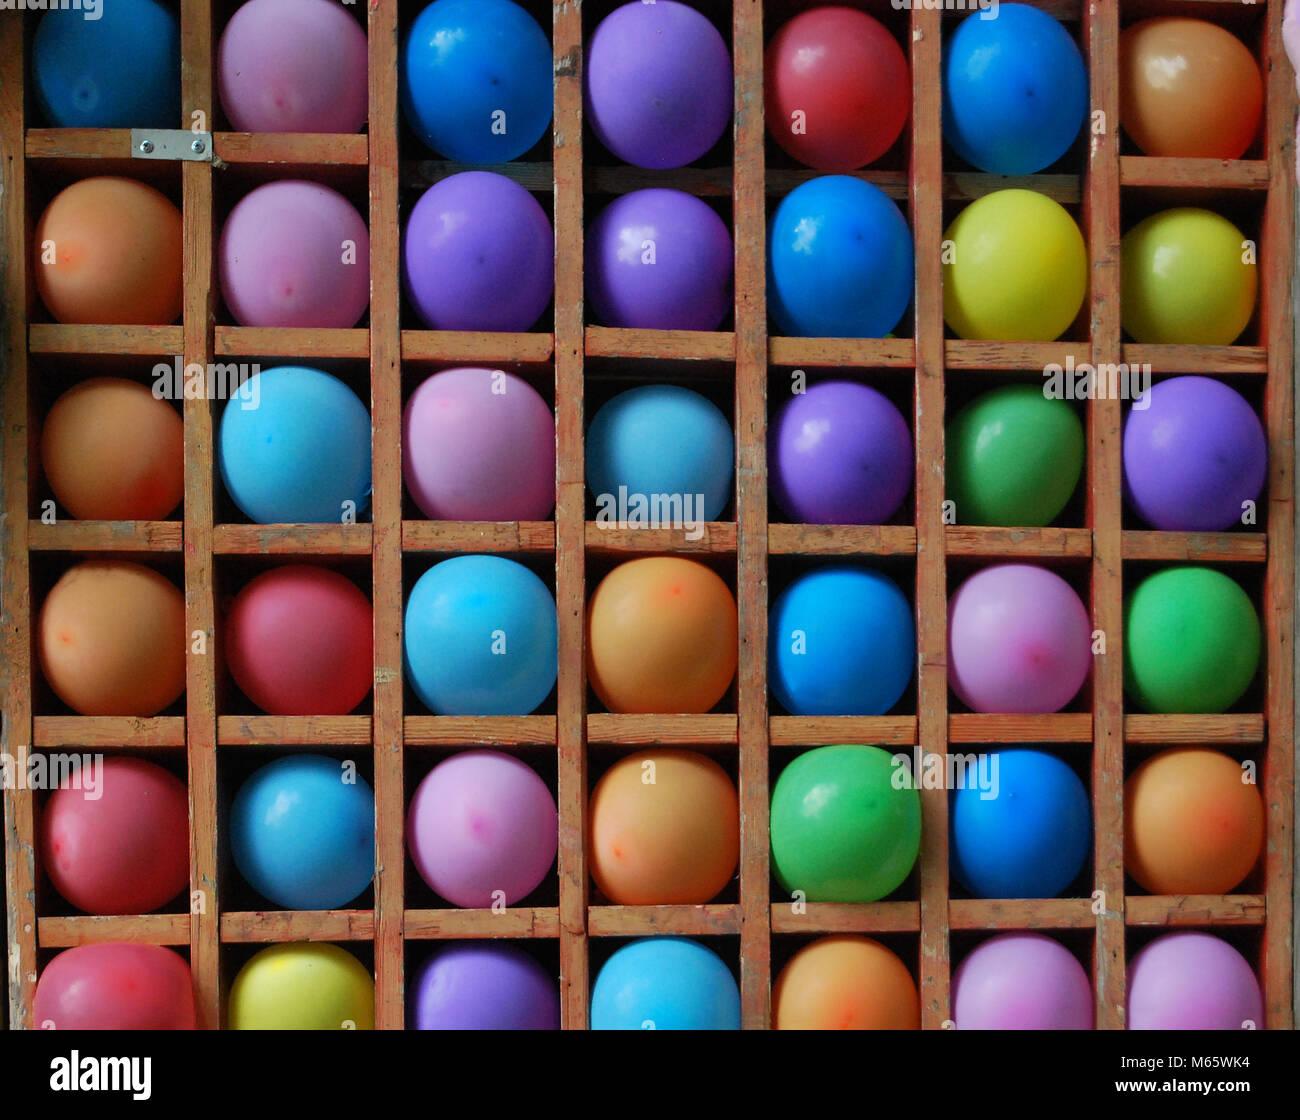 Globos Multicolores En Un Banco De Madera El Juego Esta Lanzando